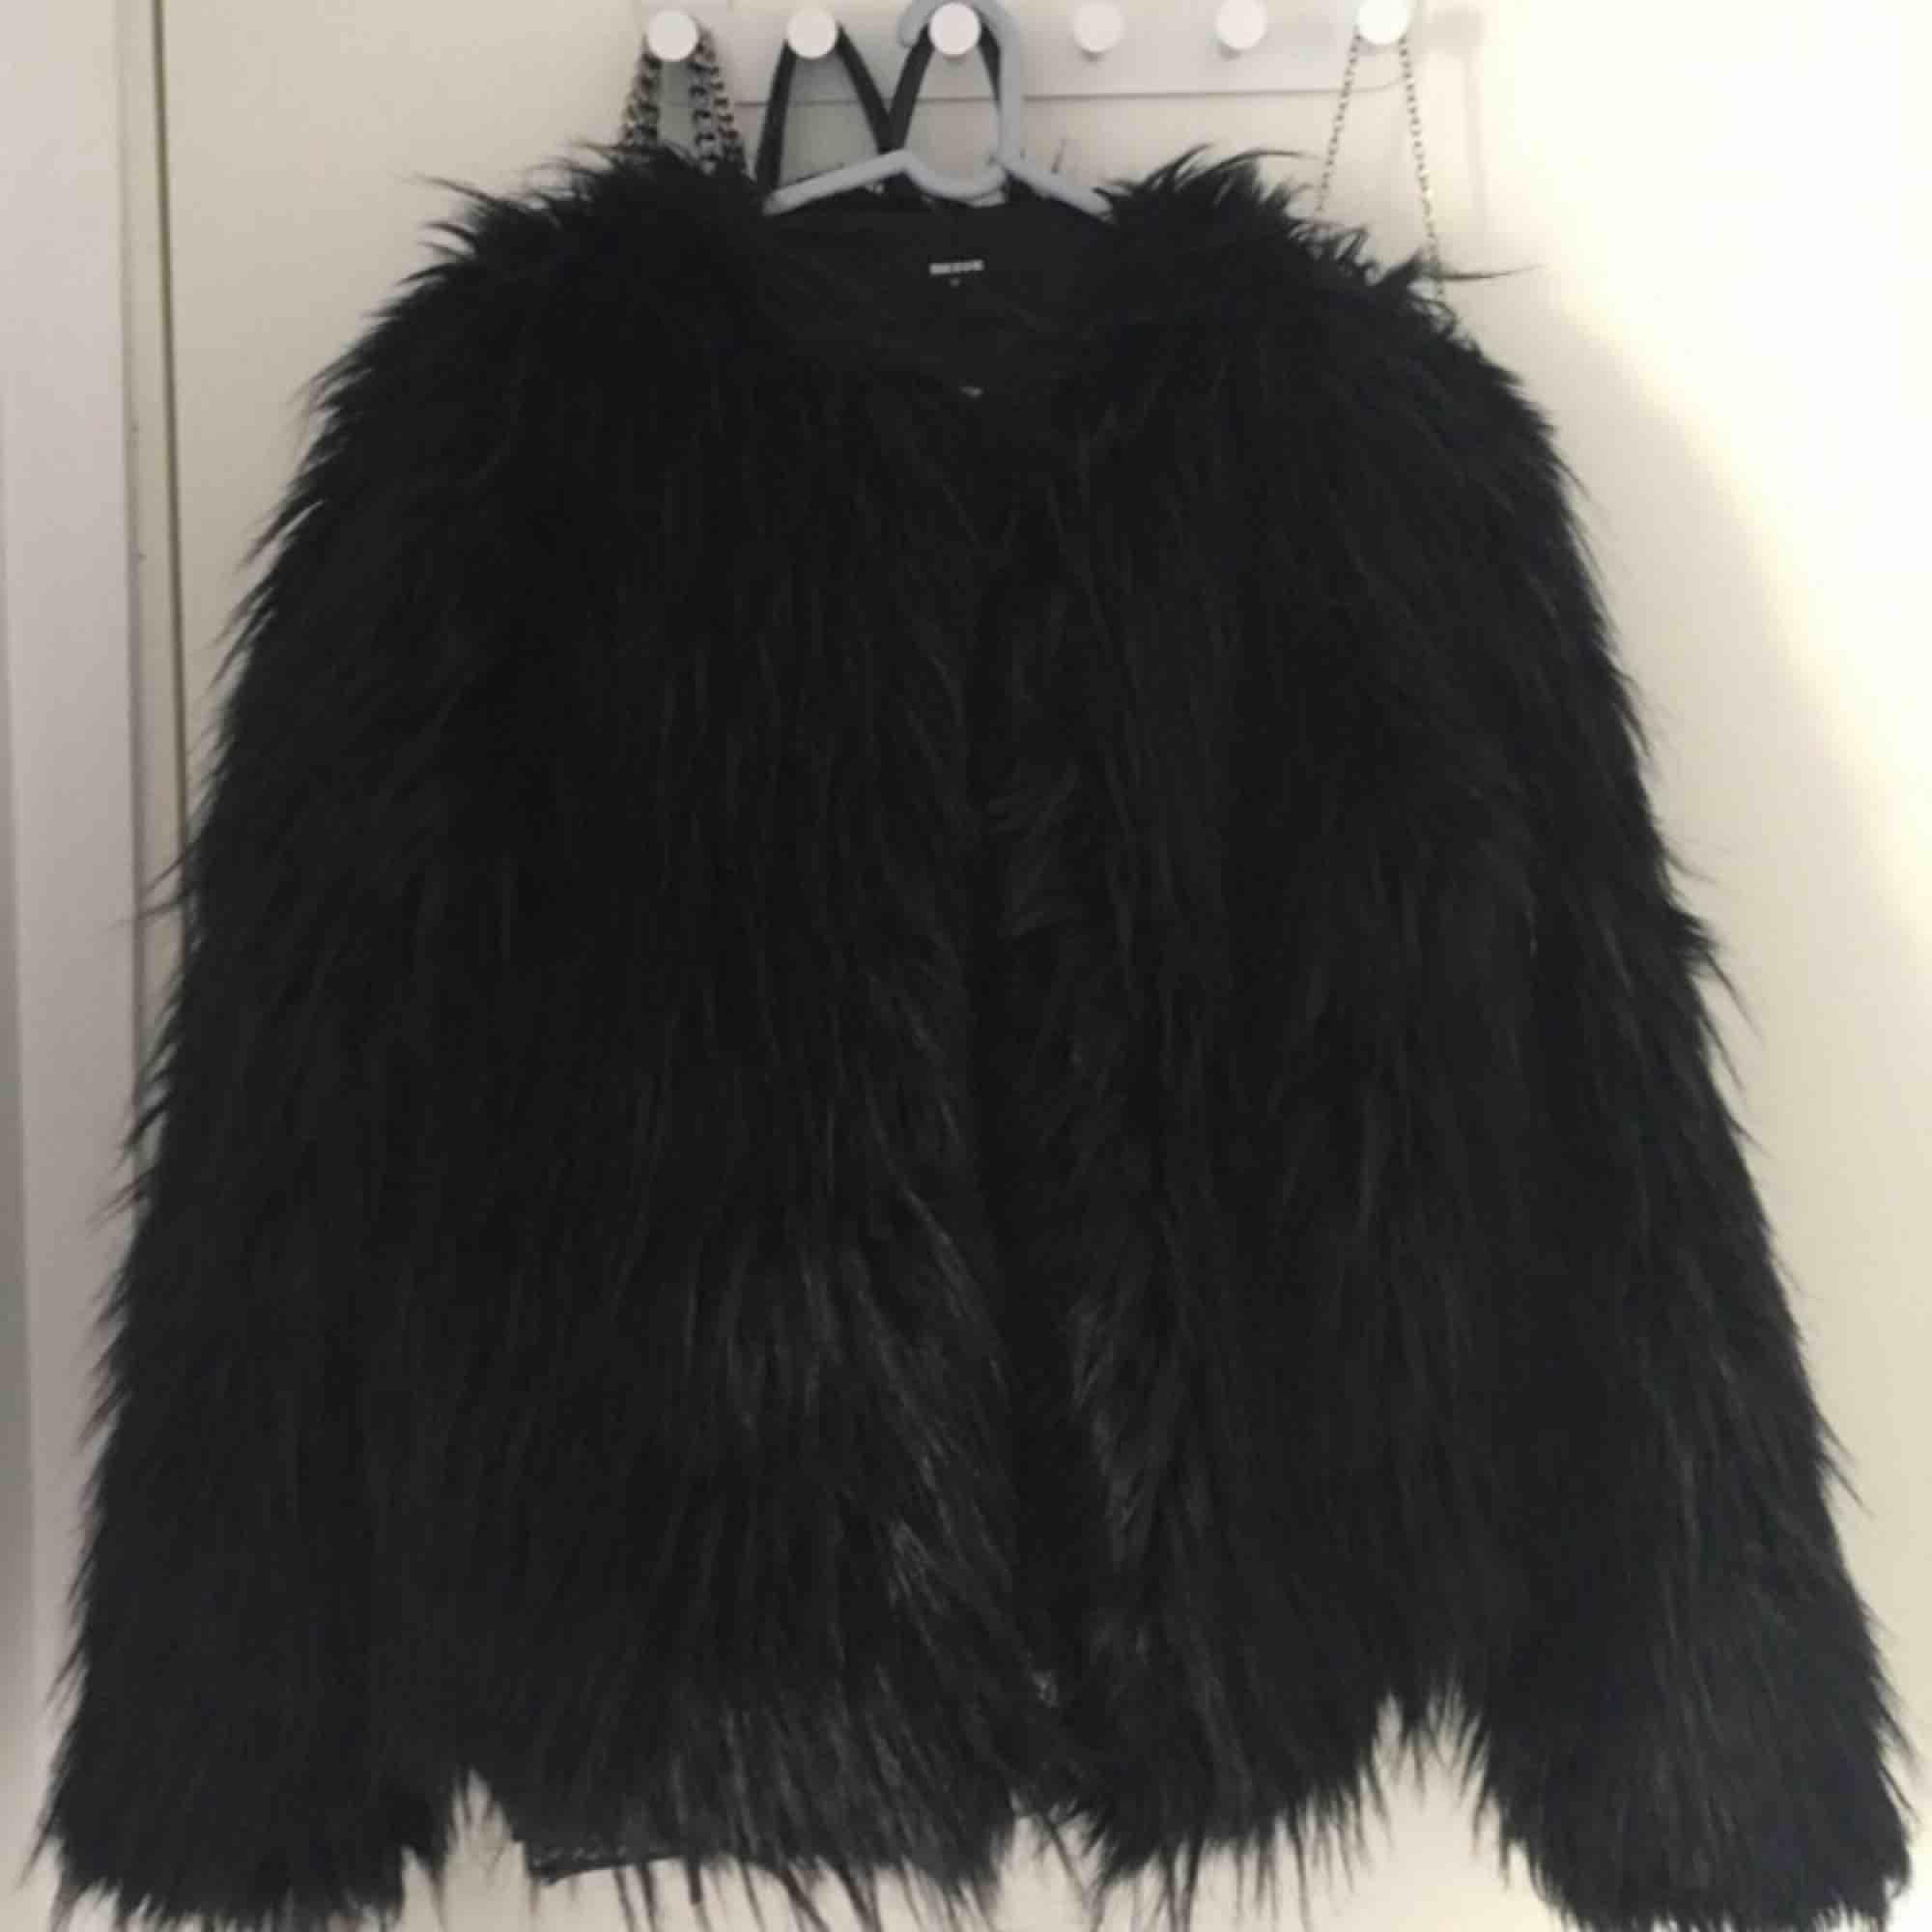 Faux fur jacka från Bikbok. Svart med lång hårstrån, finns möjlighet att stänga jackan. Använd några gånger men jackan är i mycket bra skick! . Jackor.